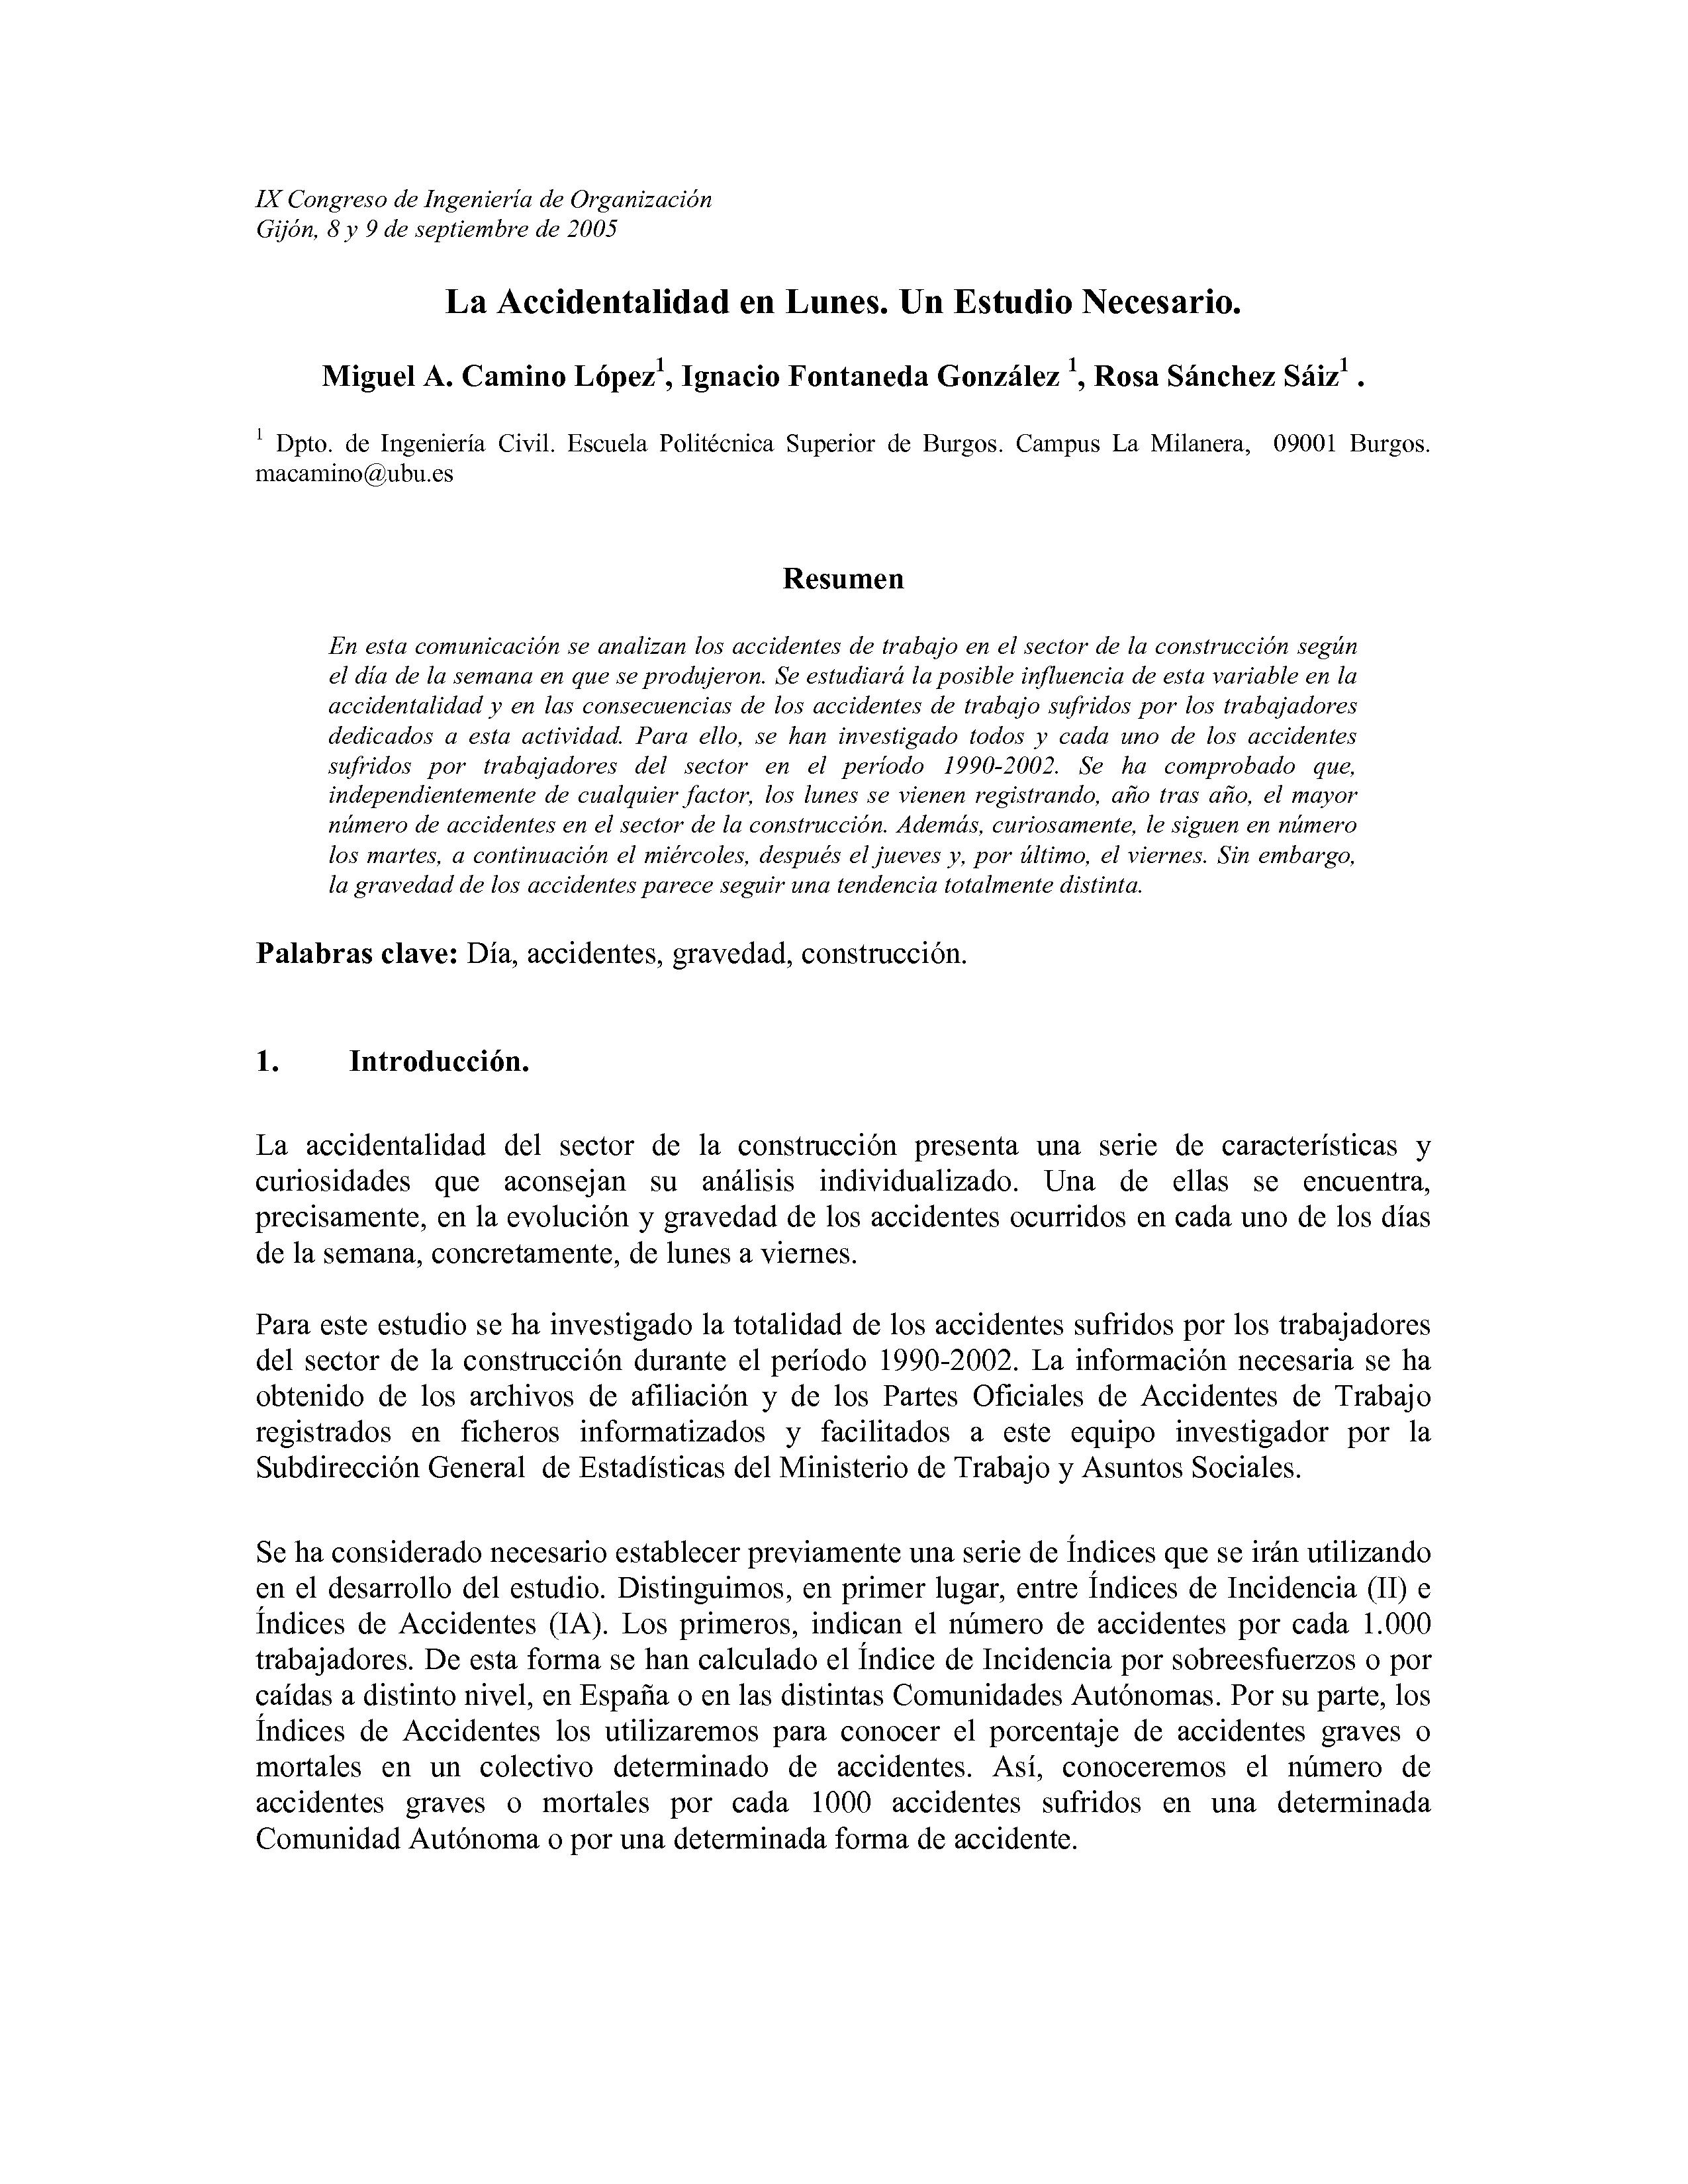 La Accidentalidad en Lunes. Un Estudio Necesario.